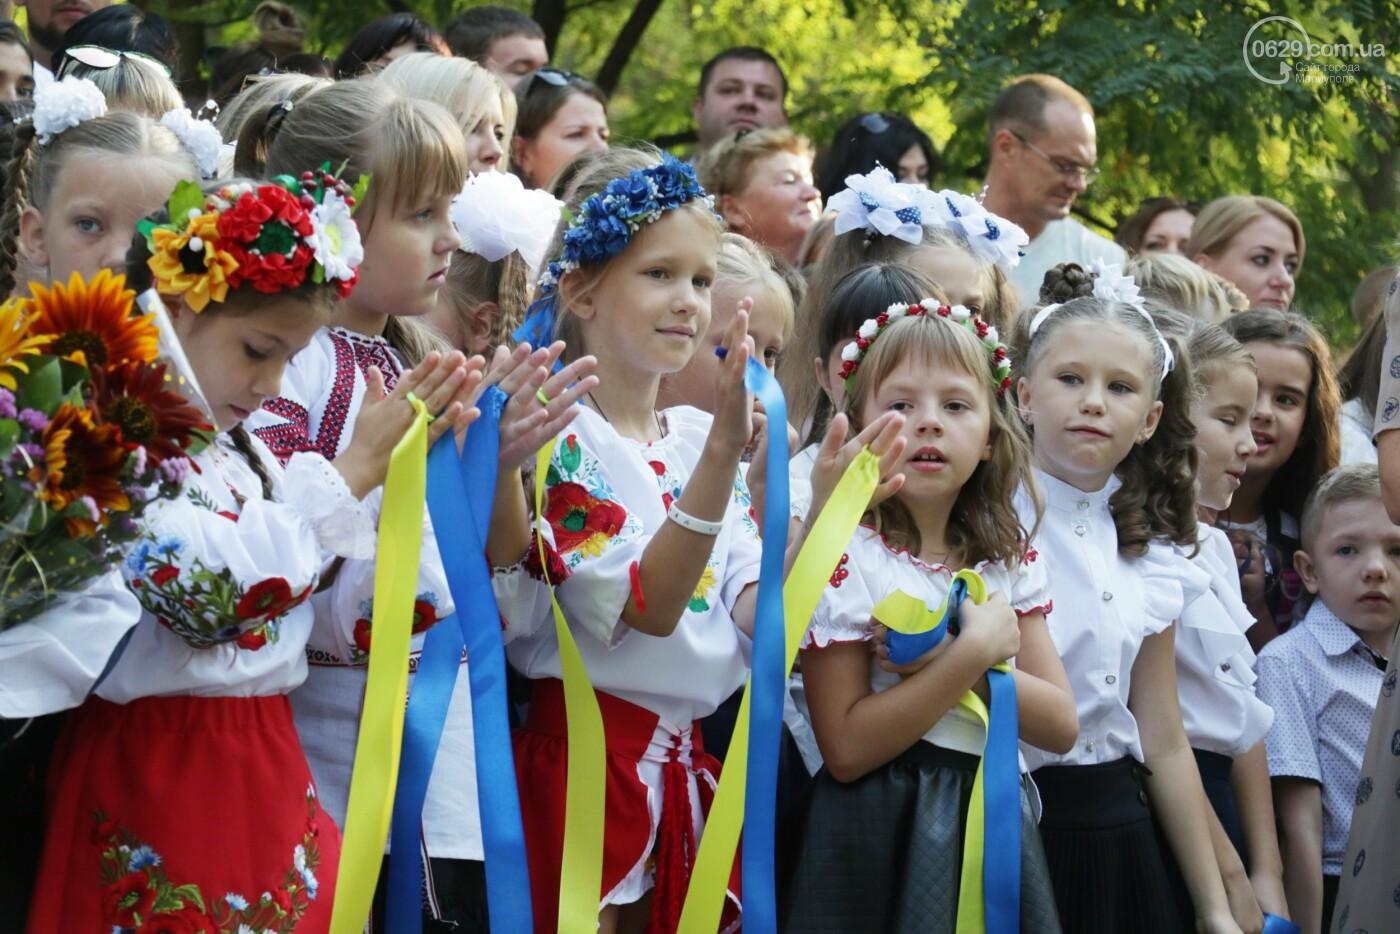 Первый звонок в Новой украинской школе: четыре тысячи первоклашек сели за парты в Мариуполе, - ФОТОРЕПОРТАЖ, фото-2